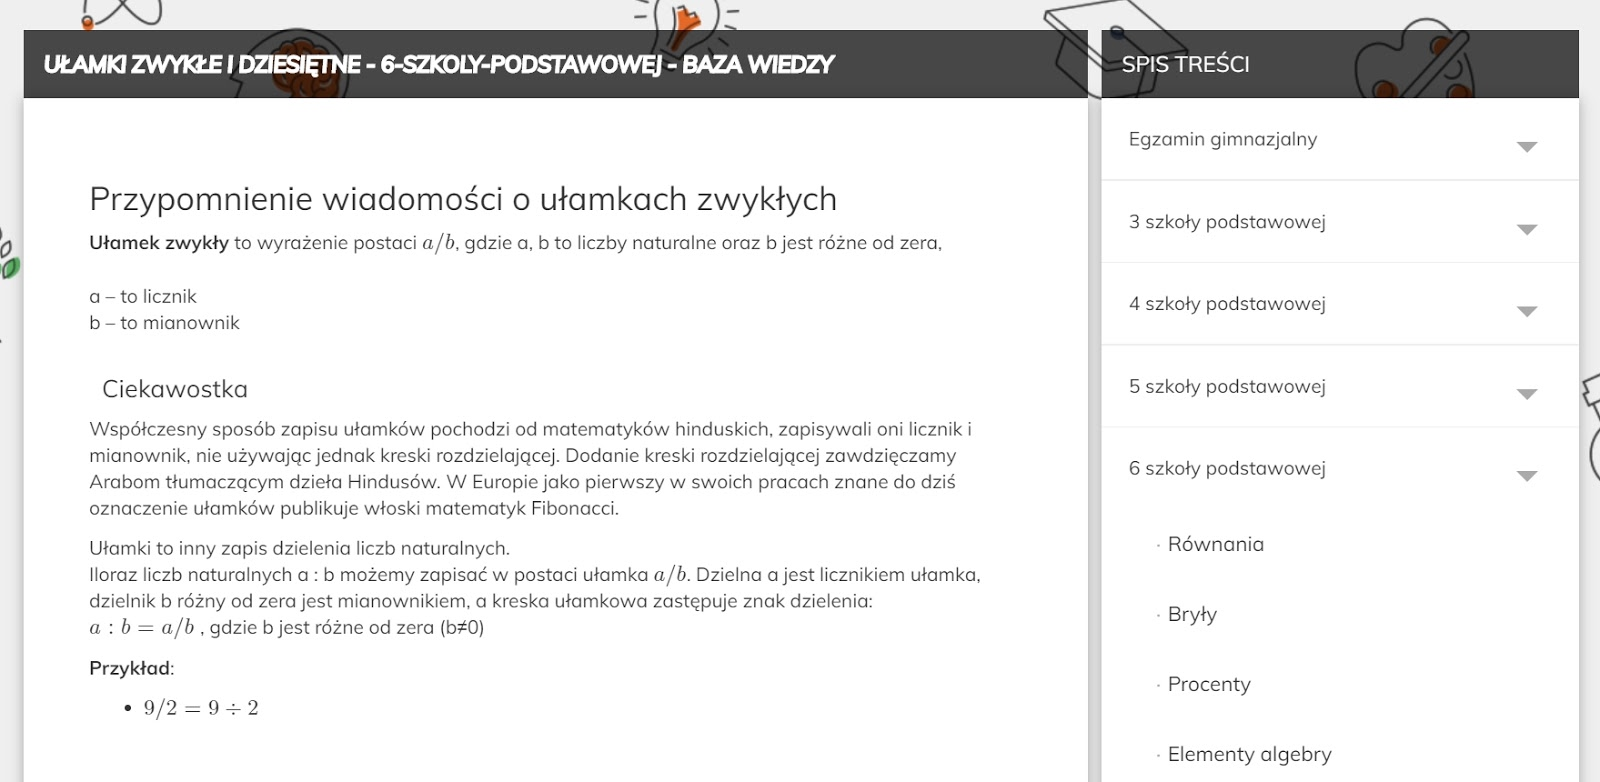 platforma odrabiamy.pl